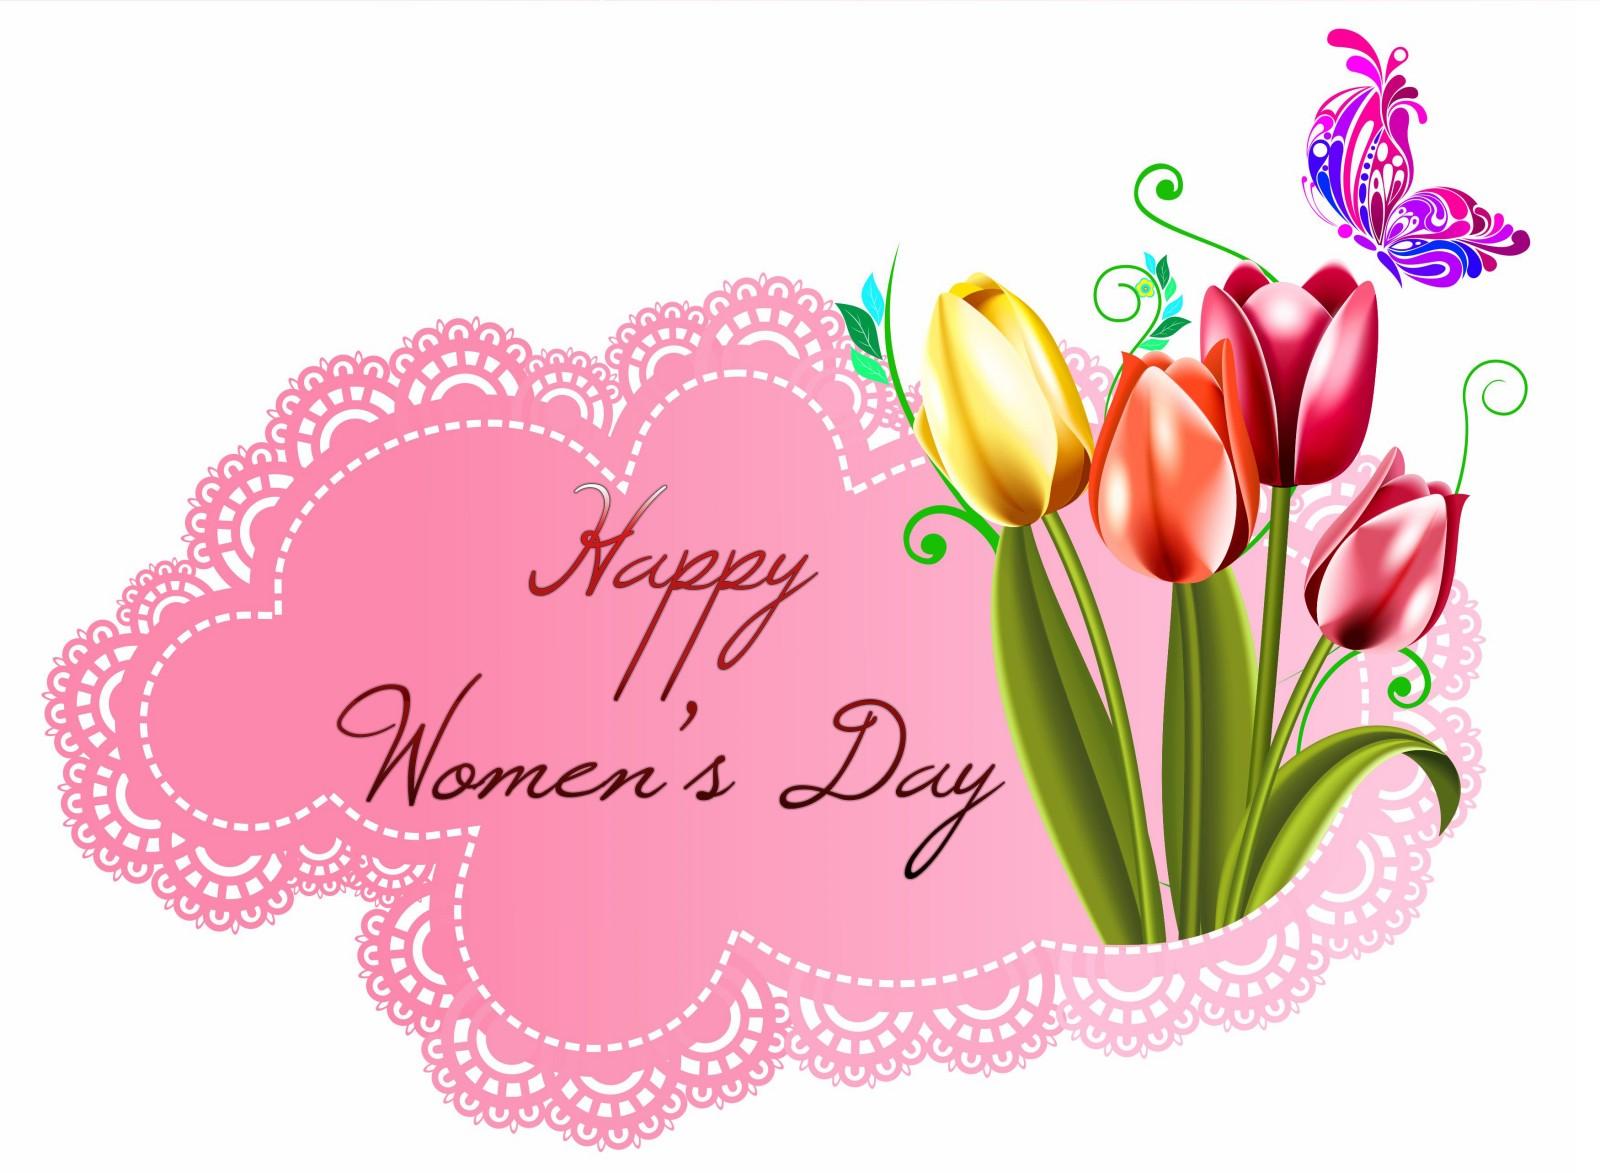 Hình ảnh đẹp chúc mừng ngày phụ nữ mùng tám tháng ba